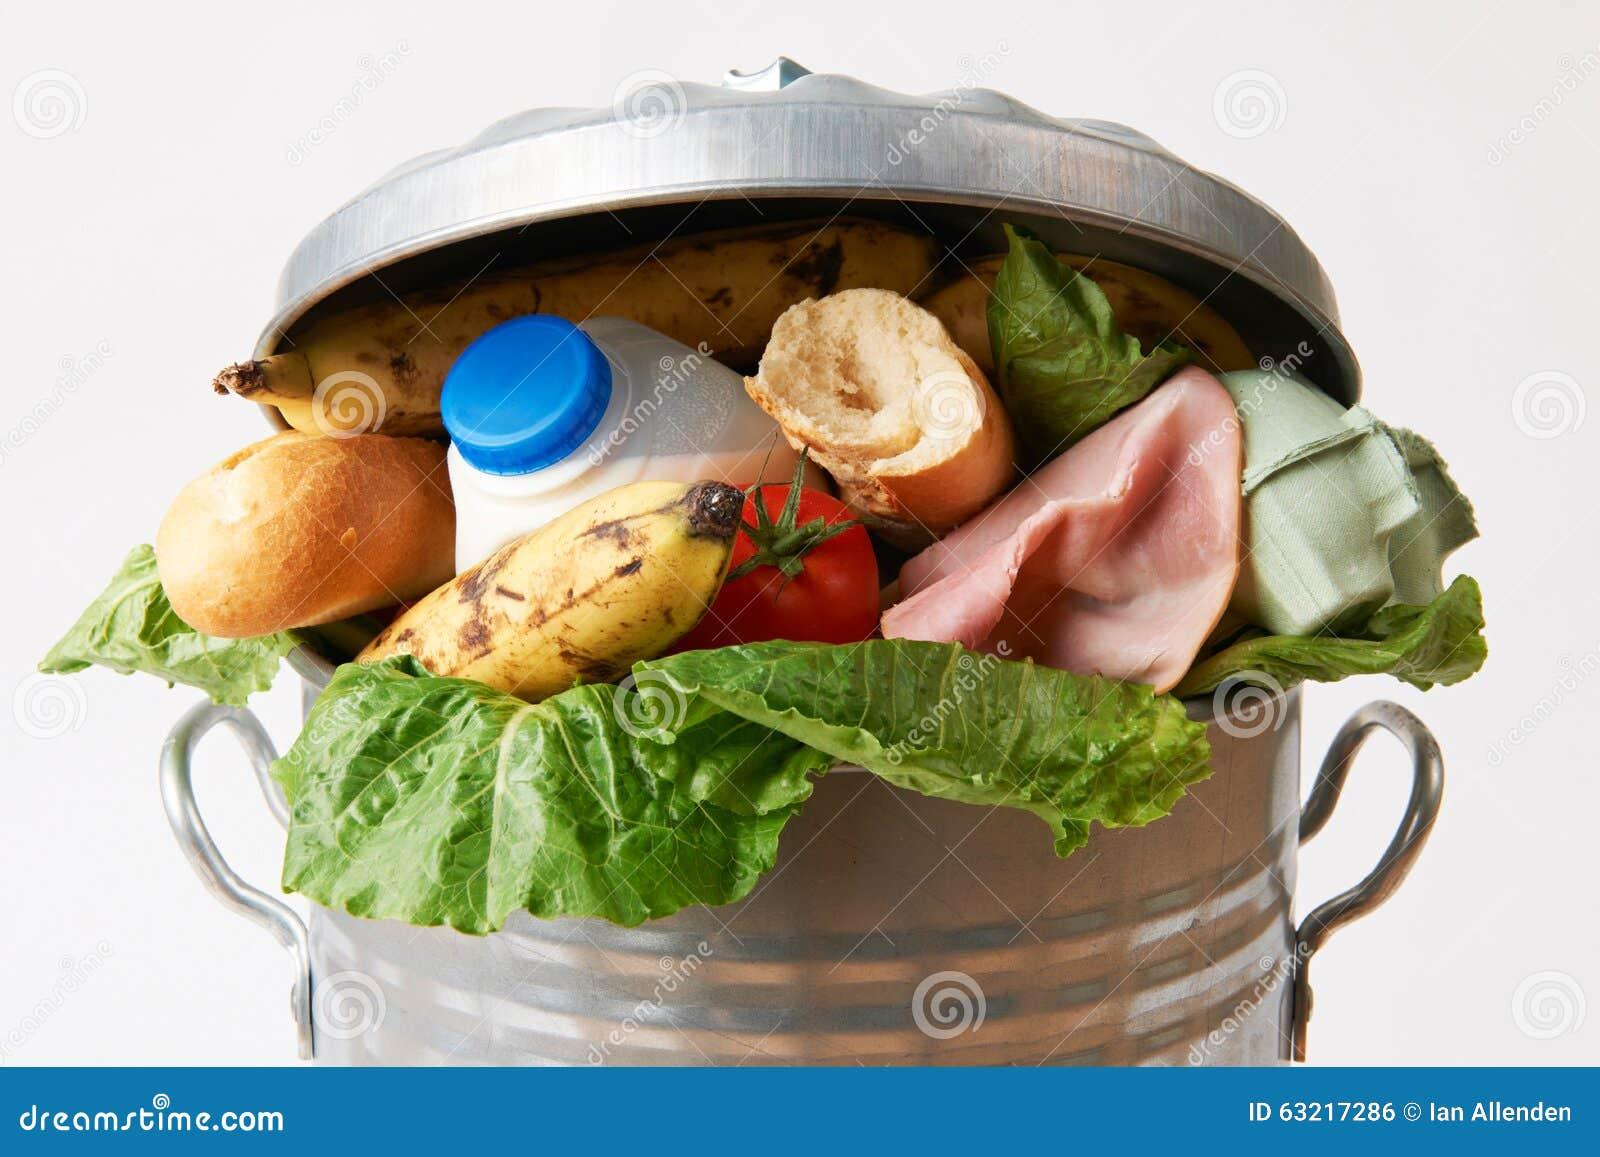 Τα φρέσκα τρόφιμα στα απορρίματα μπορούν να επεξηγήσουν τα απόβλητα